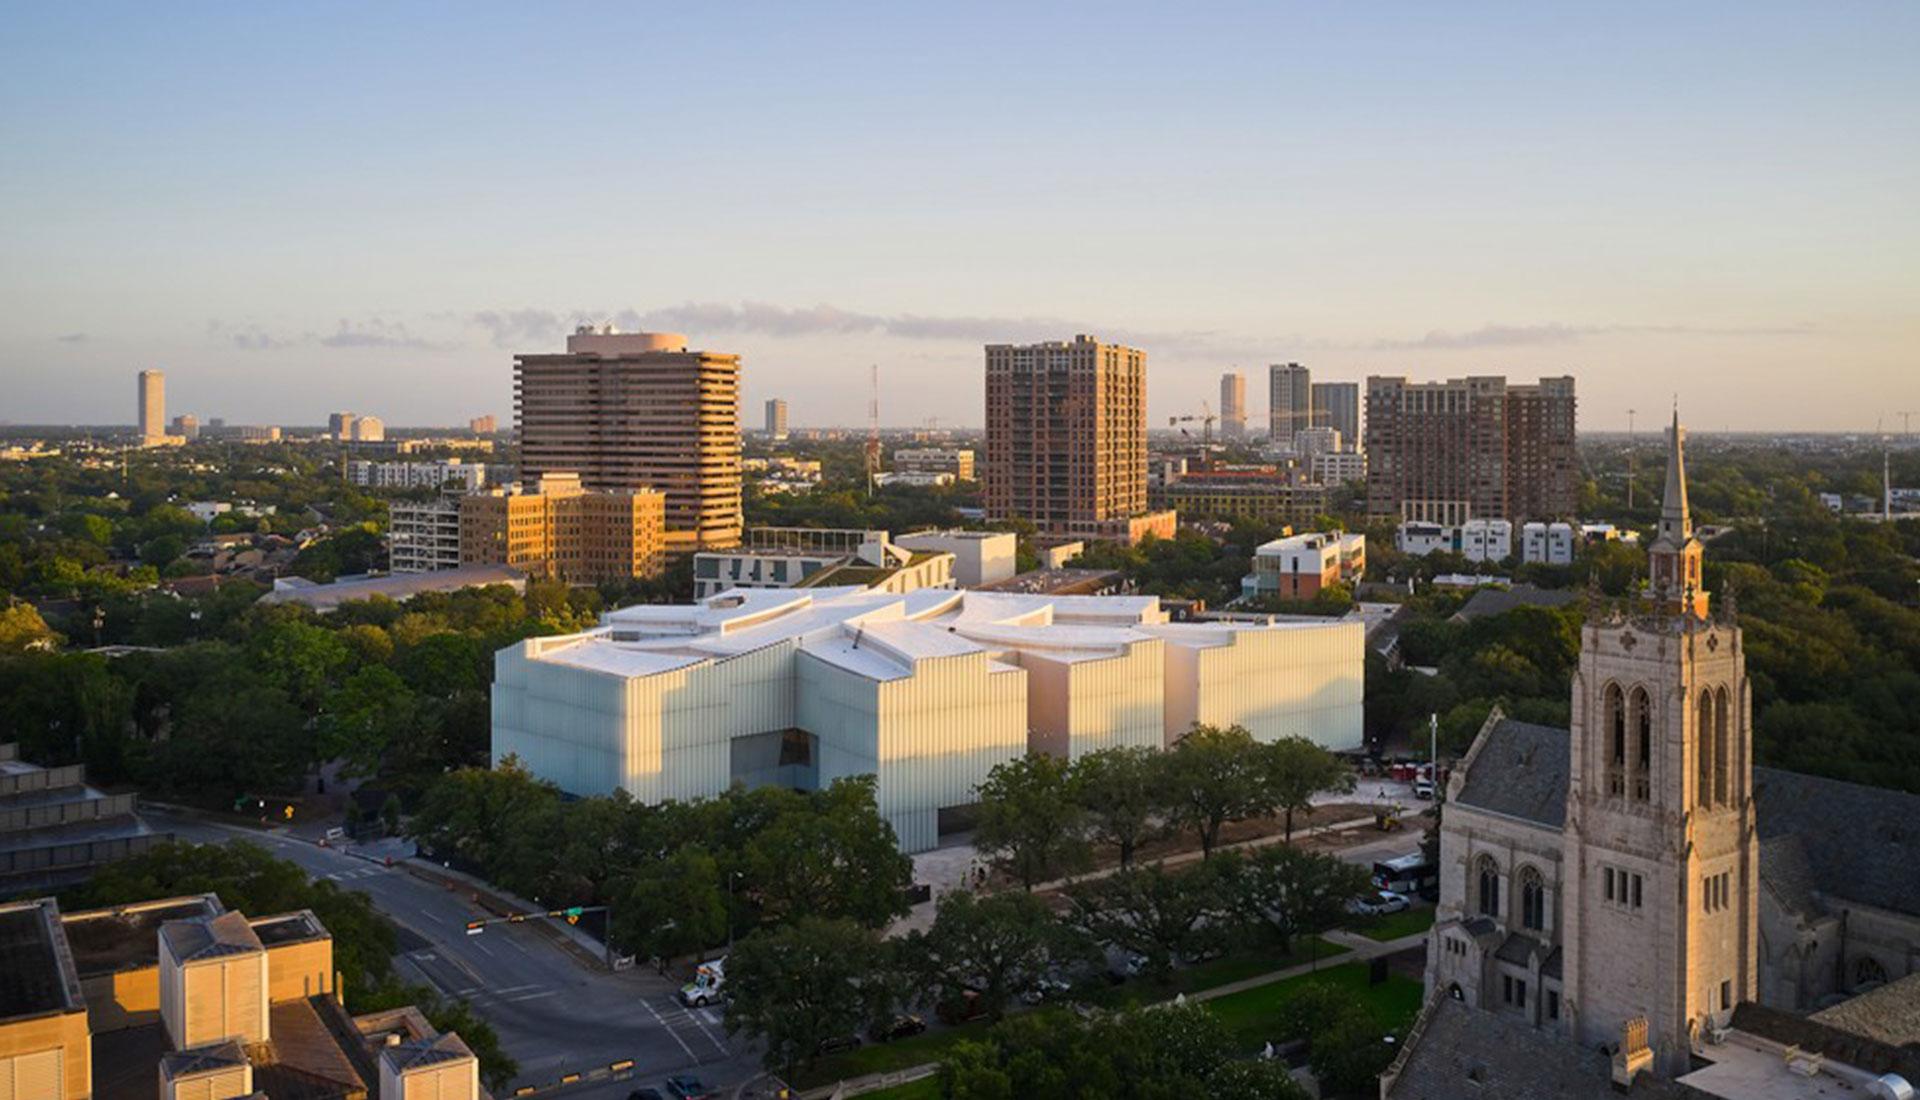 музей современного искусства в Хьюстоне фото